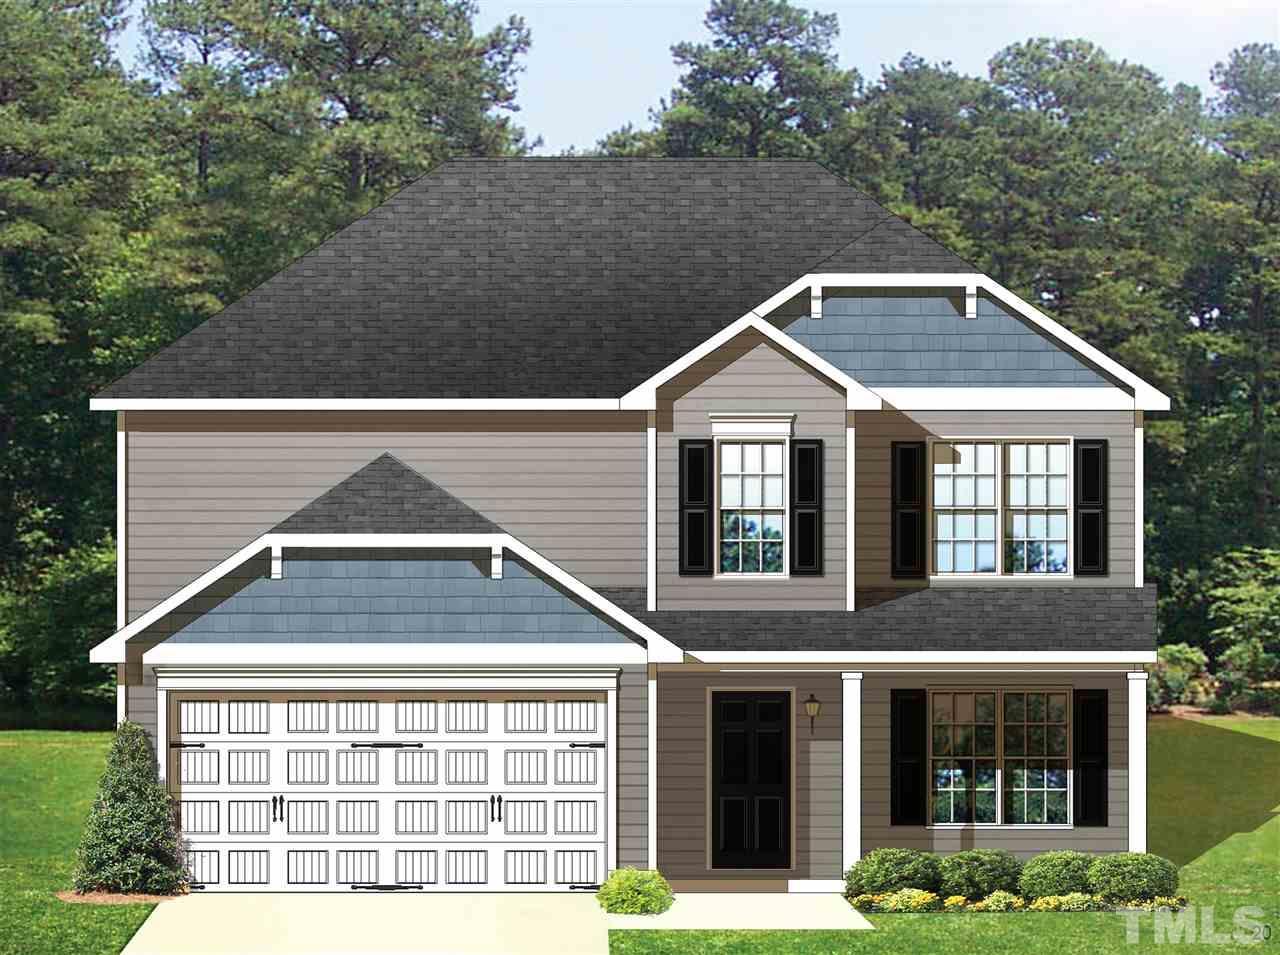 823 Pitch Pine Drive, Creedmoor, NC 27522